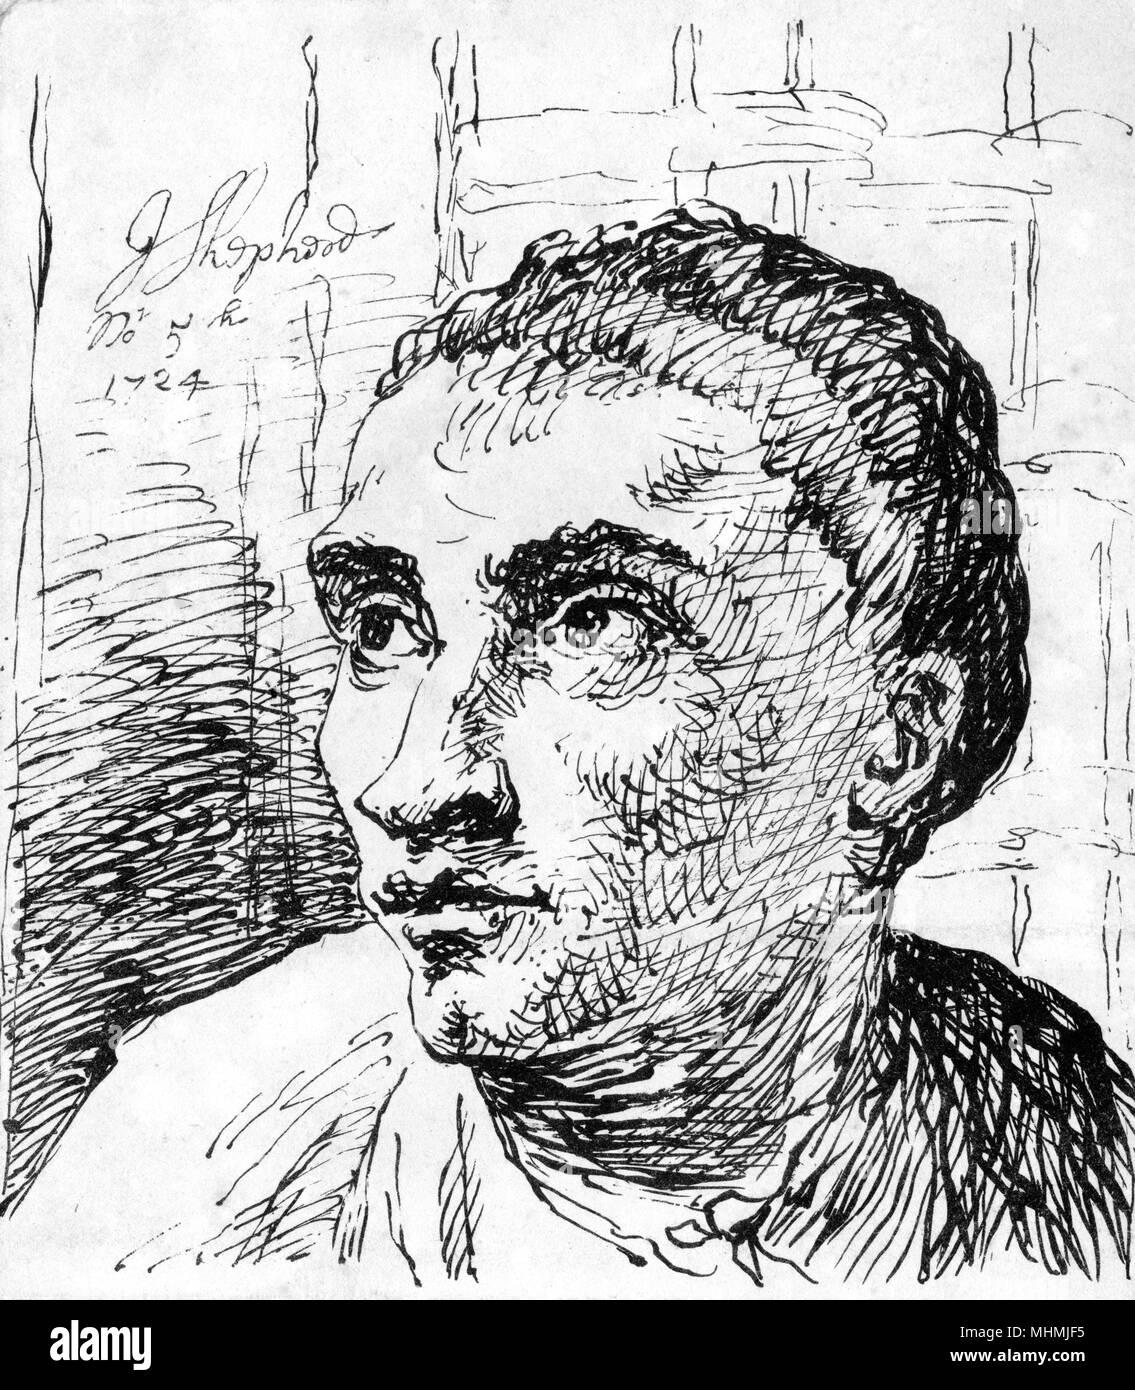 Jack Sheppard (1702-1724); Englisch Dieb; engagierte fast täglich Raubüberfälle in oder in der Nähe von London. Durch Jonathan Wild gefangen. Gewagte entweicht aus Newgate Gefängnis; gehängt. Datum: 1724 Stockbild